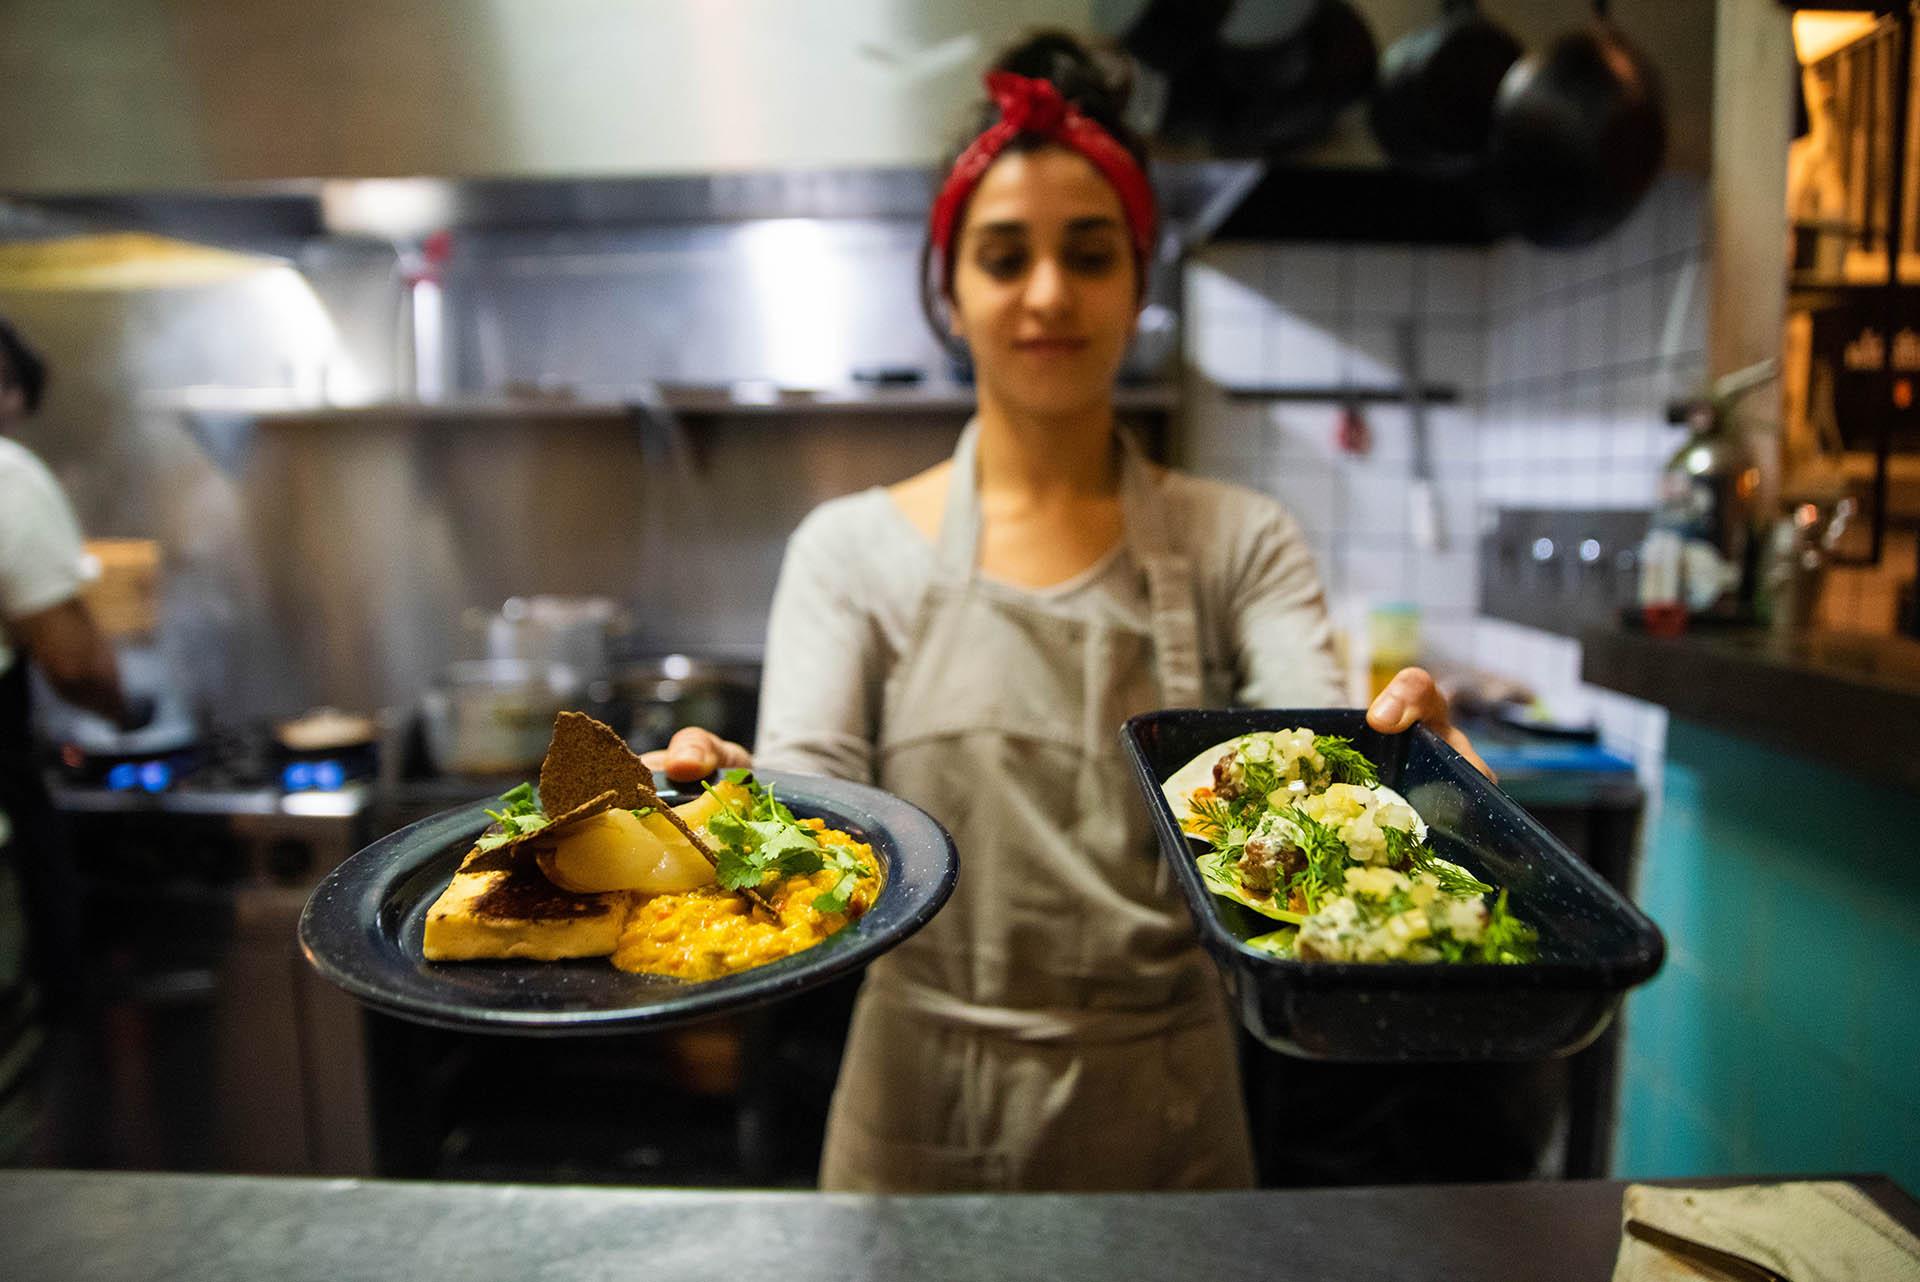 En los sabores, en las salsas y en la construcción de los platos en sí, en Lardo & Rosemary se fusionan la cocina oriental y latinoamericana